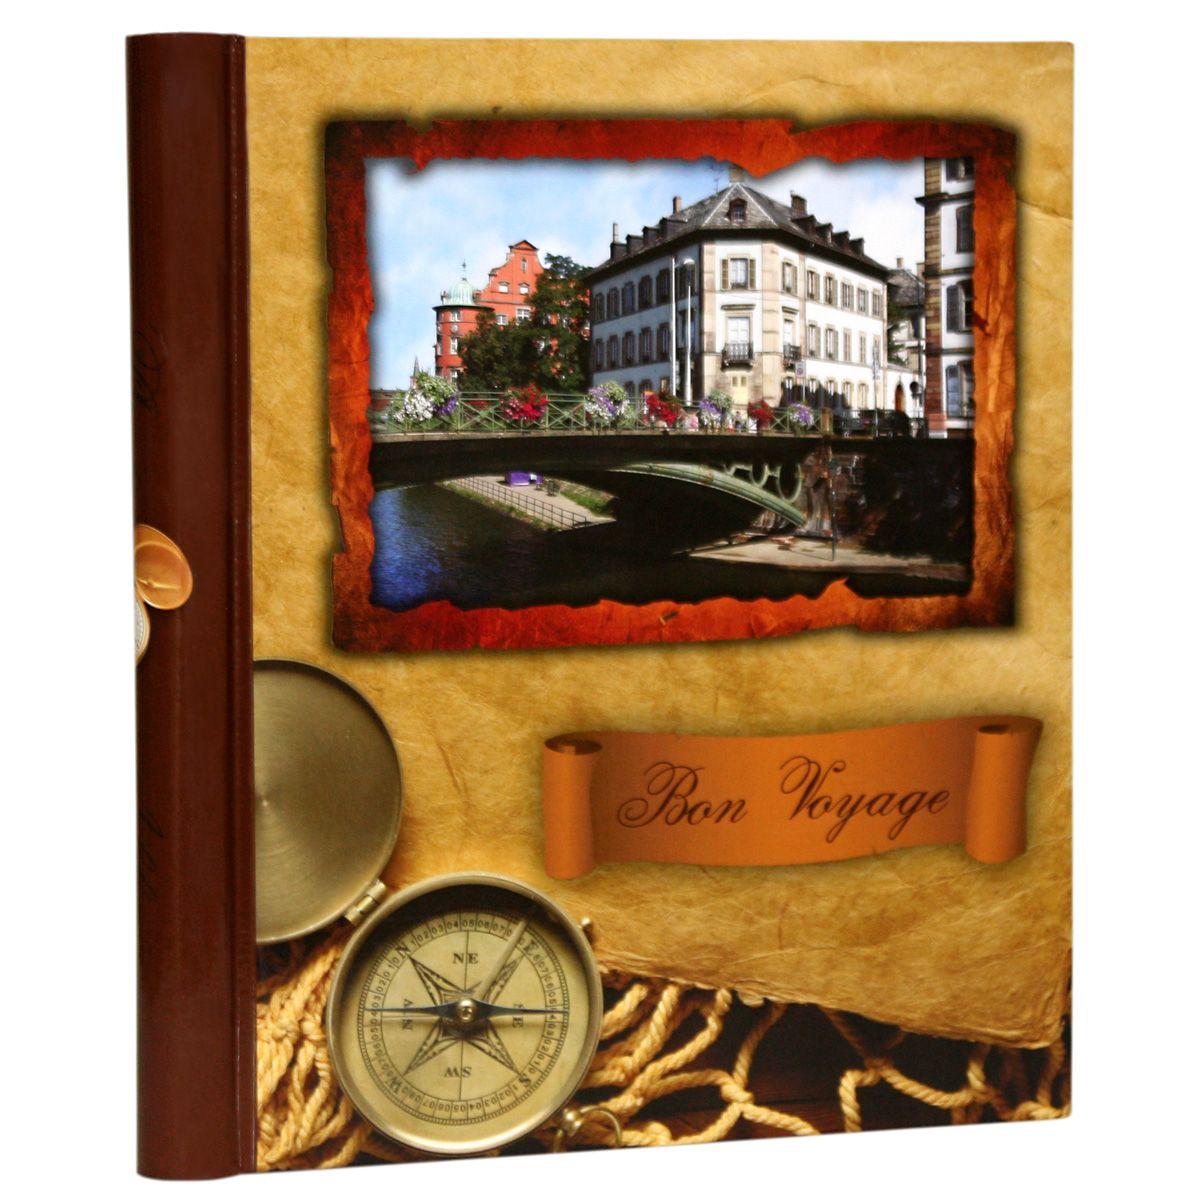 Фотоальбом Pioneer Bon Voyage, 10 магнитных листов, цвет: коричневый, 23 х 28 см46214 AP102328SAАльбом для фотографий формата 23х28 см. Тип обложки: ламинированный картон. Тип листов: магнитные. Тип переплета: спираль. Кол-во листов: 10. Материалы, использованные в изготовлении альбома, обеспечивают высокое качество хранения Ваших фотографий, поэтому фотографии не желтеют со временем.